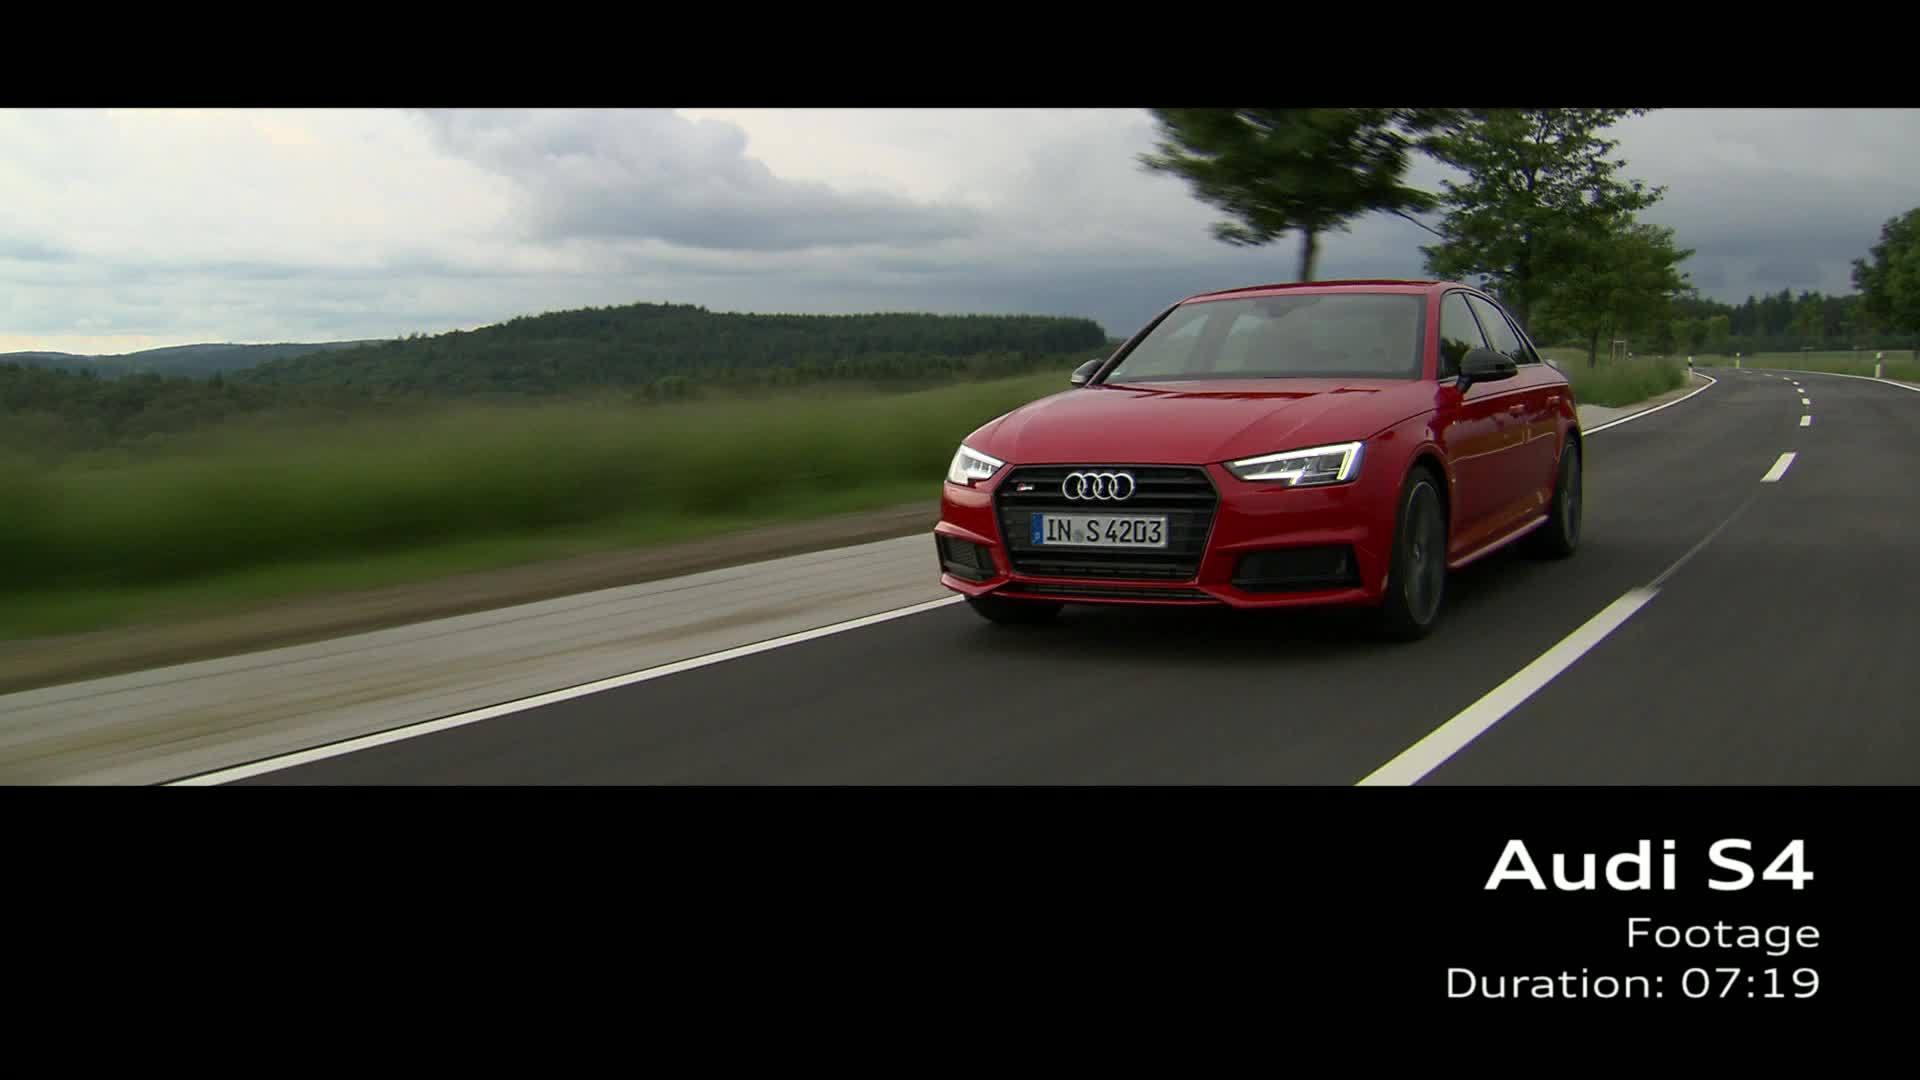 Audi S4 Sedan (2016) – Footage on Location